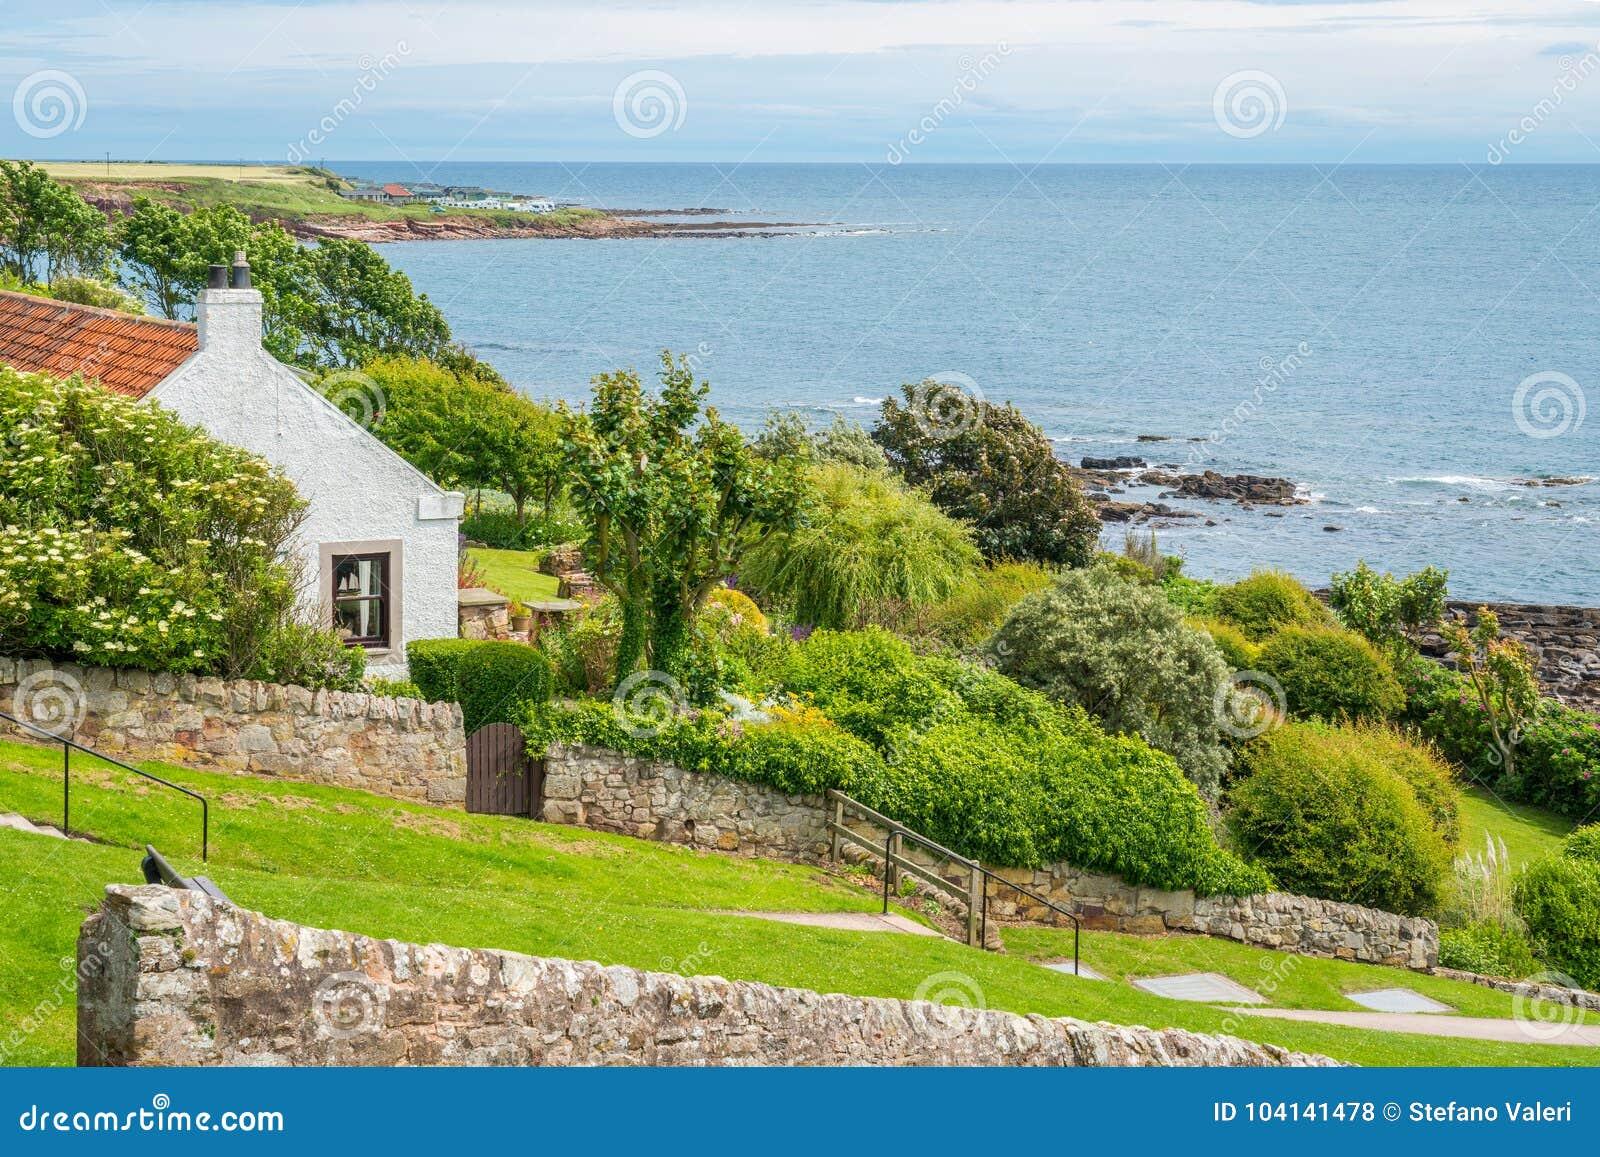 Toneelgezicht in Crail, klein vissersdorp in Fife, Schotland